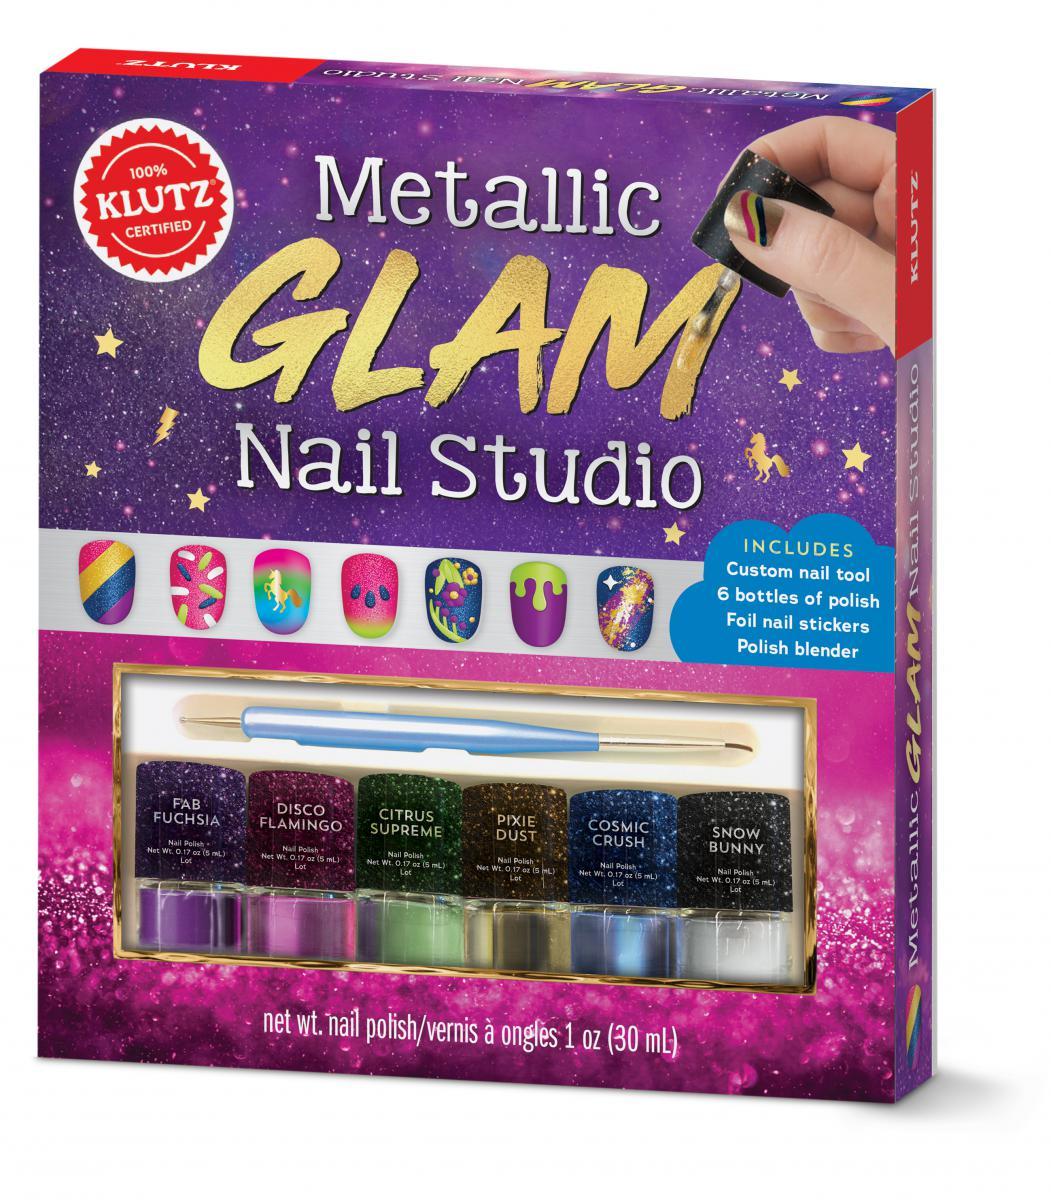 Klutz® Metallic Glam Nail Studio